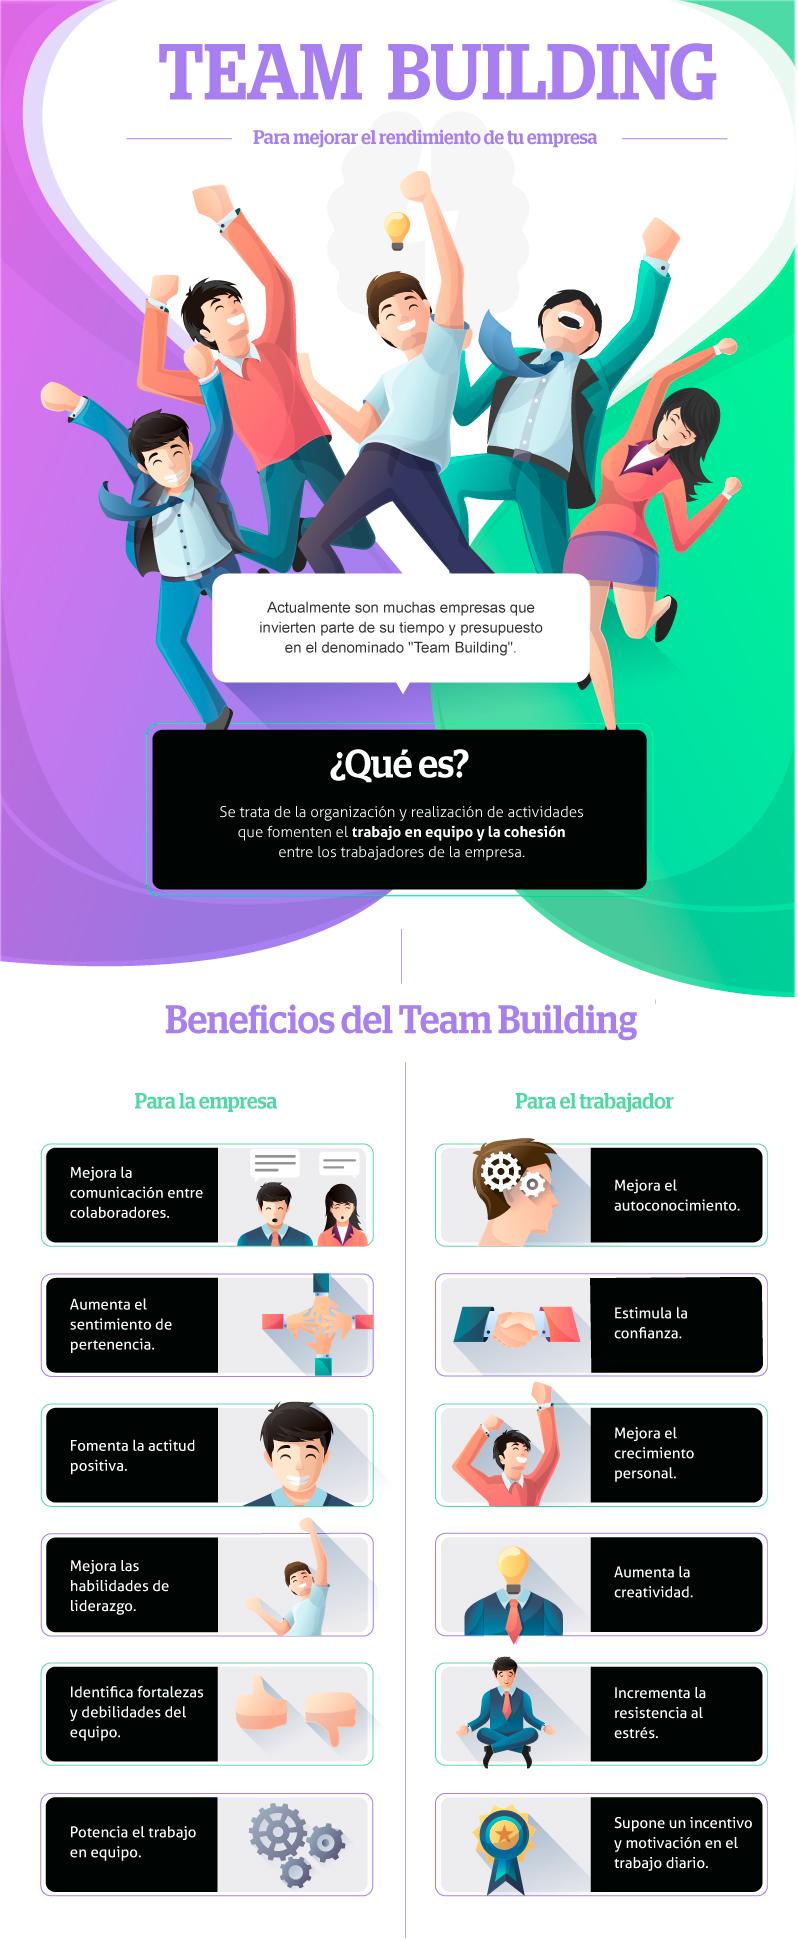 Team Building: para mejorar el rendimiento de tu empresa